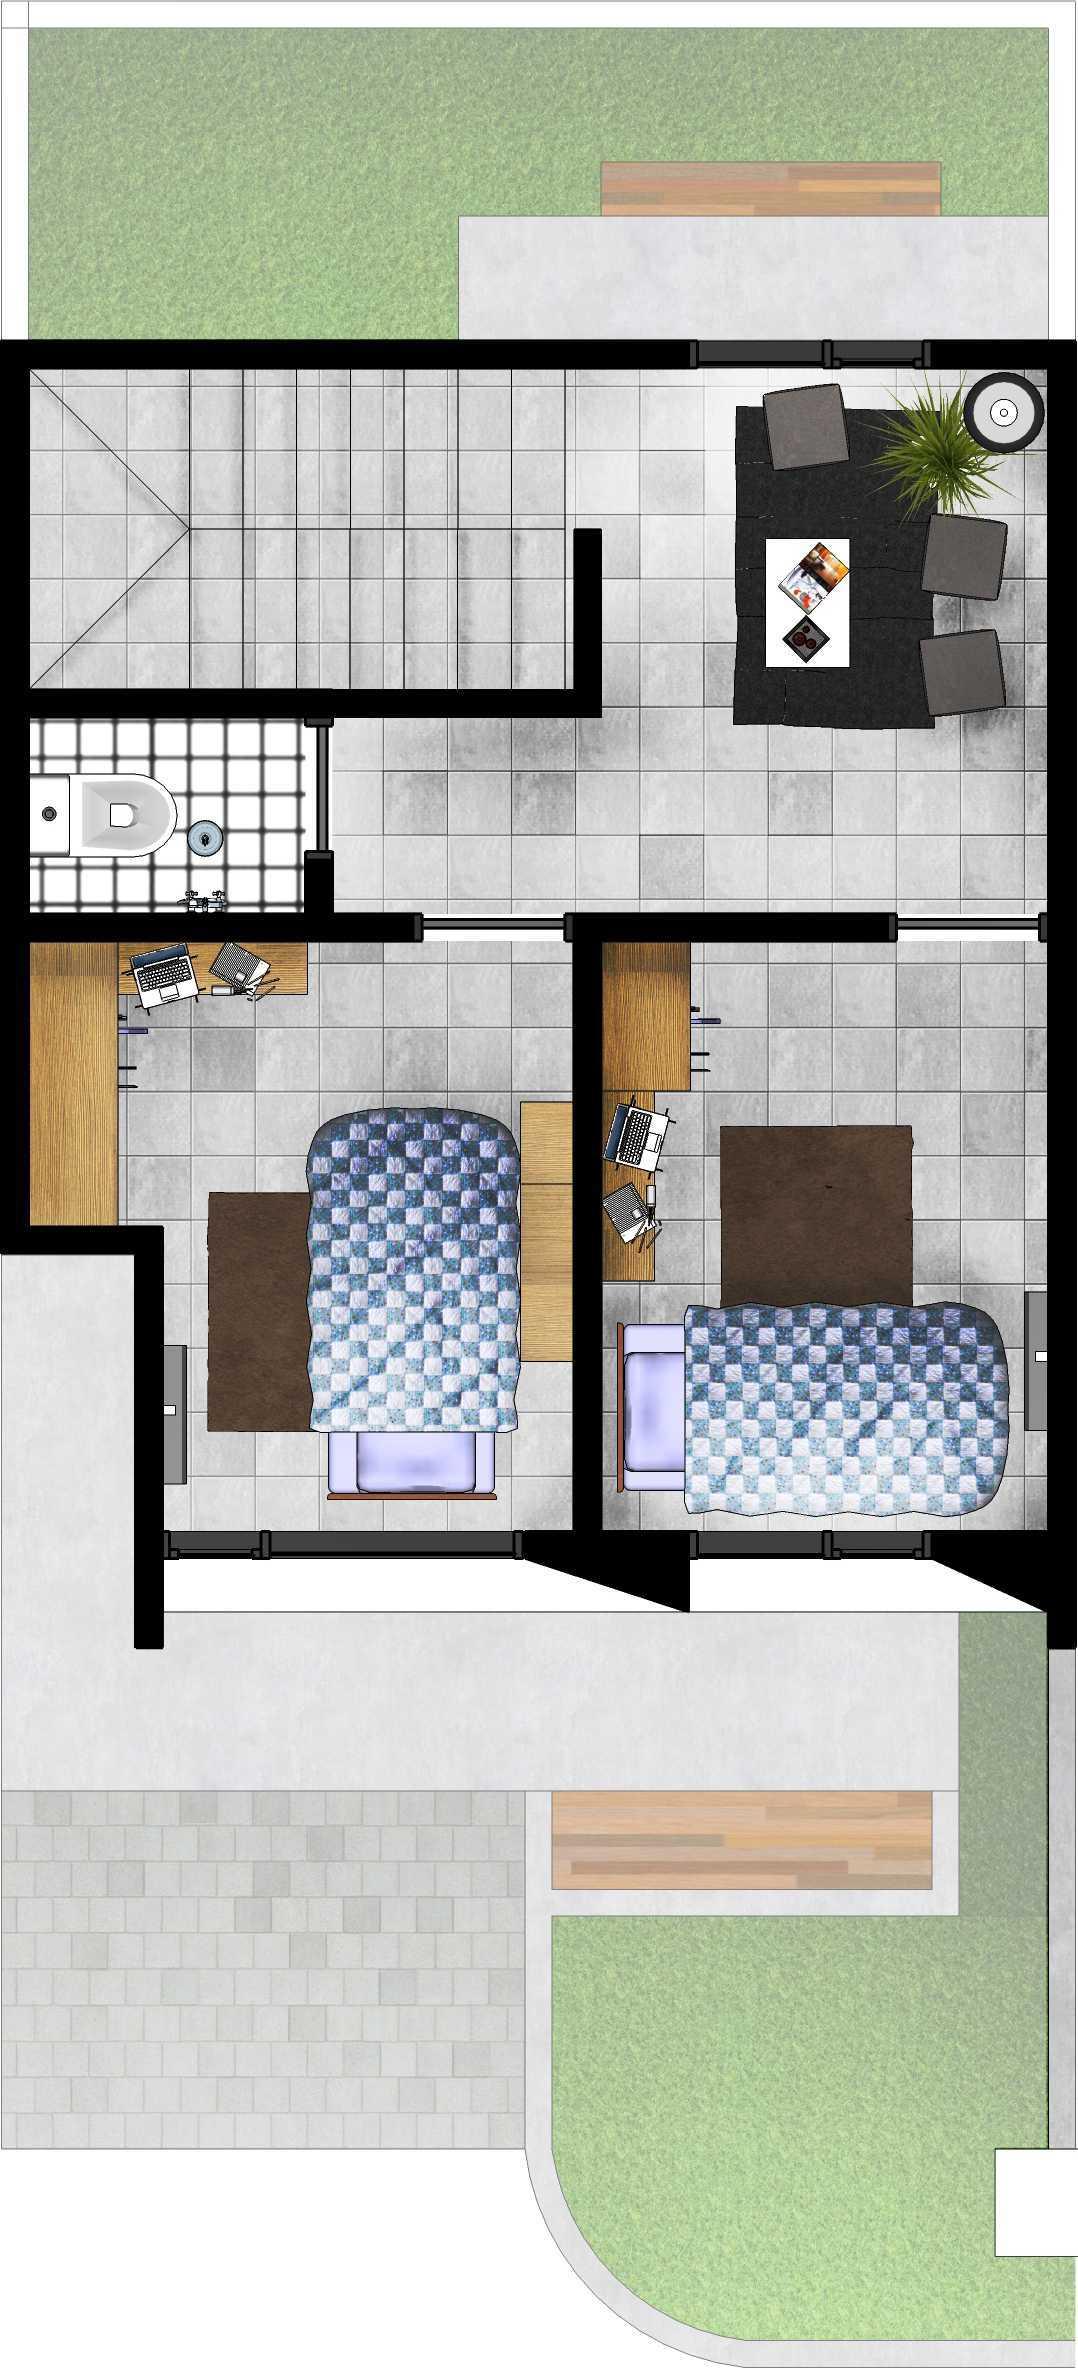 Gubah Ruang Studio Drn Residence Palembang, Kota Palembang, Sumatera Selatan, Indonesia Palembang, Kota Palembang, Sumatera Selatan, Indonesia Floorplan   50965